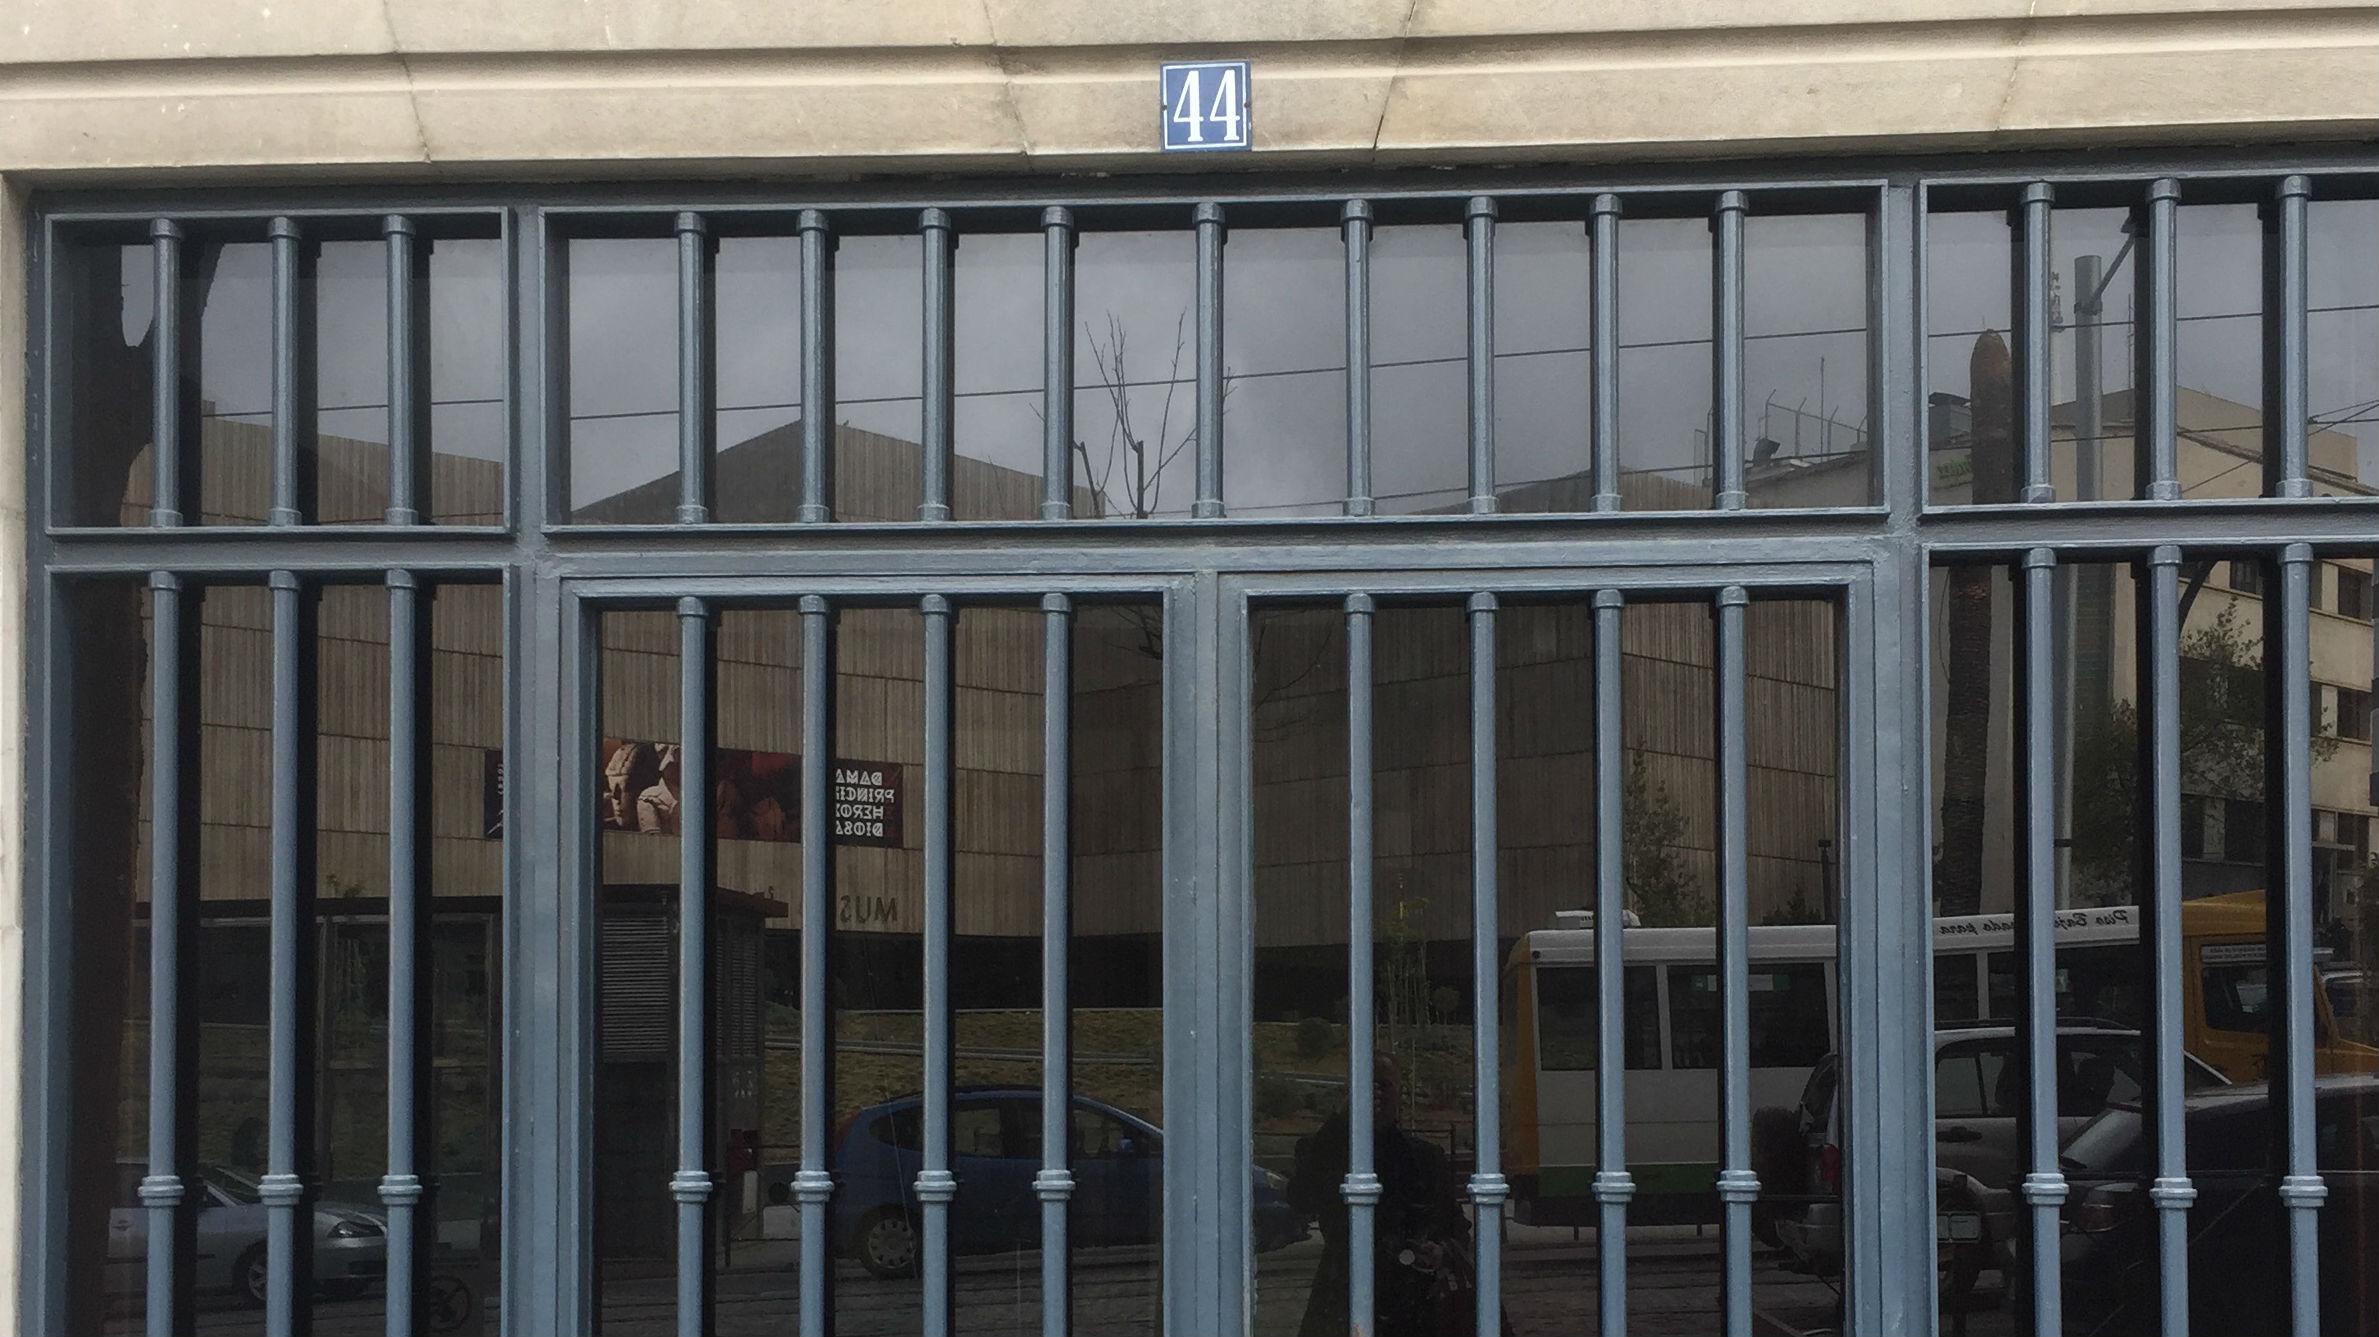 Puerta de acceso al edificio en el que presuntamente se produjo la agresión sexual